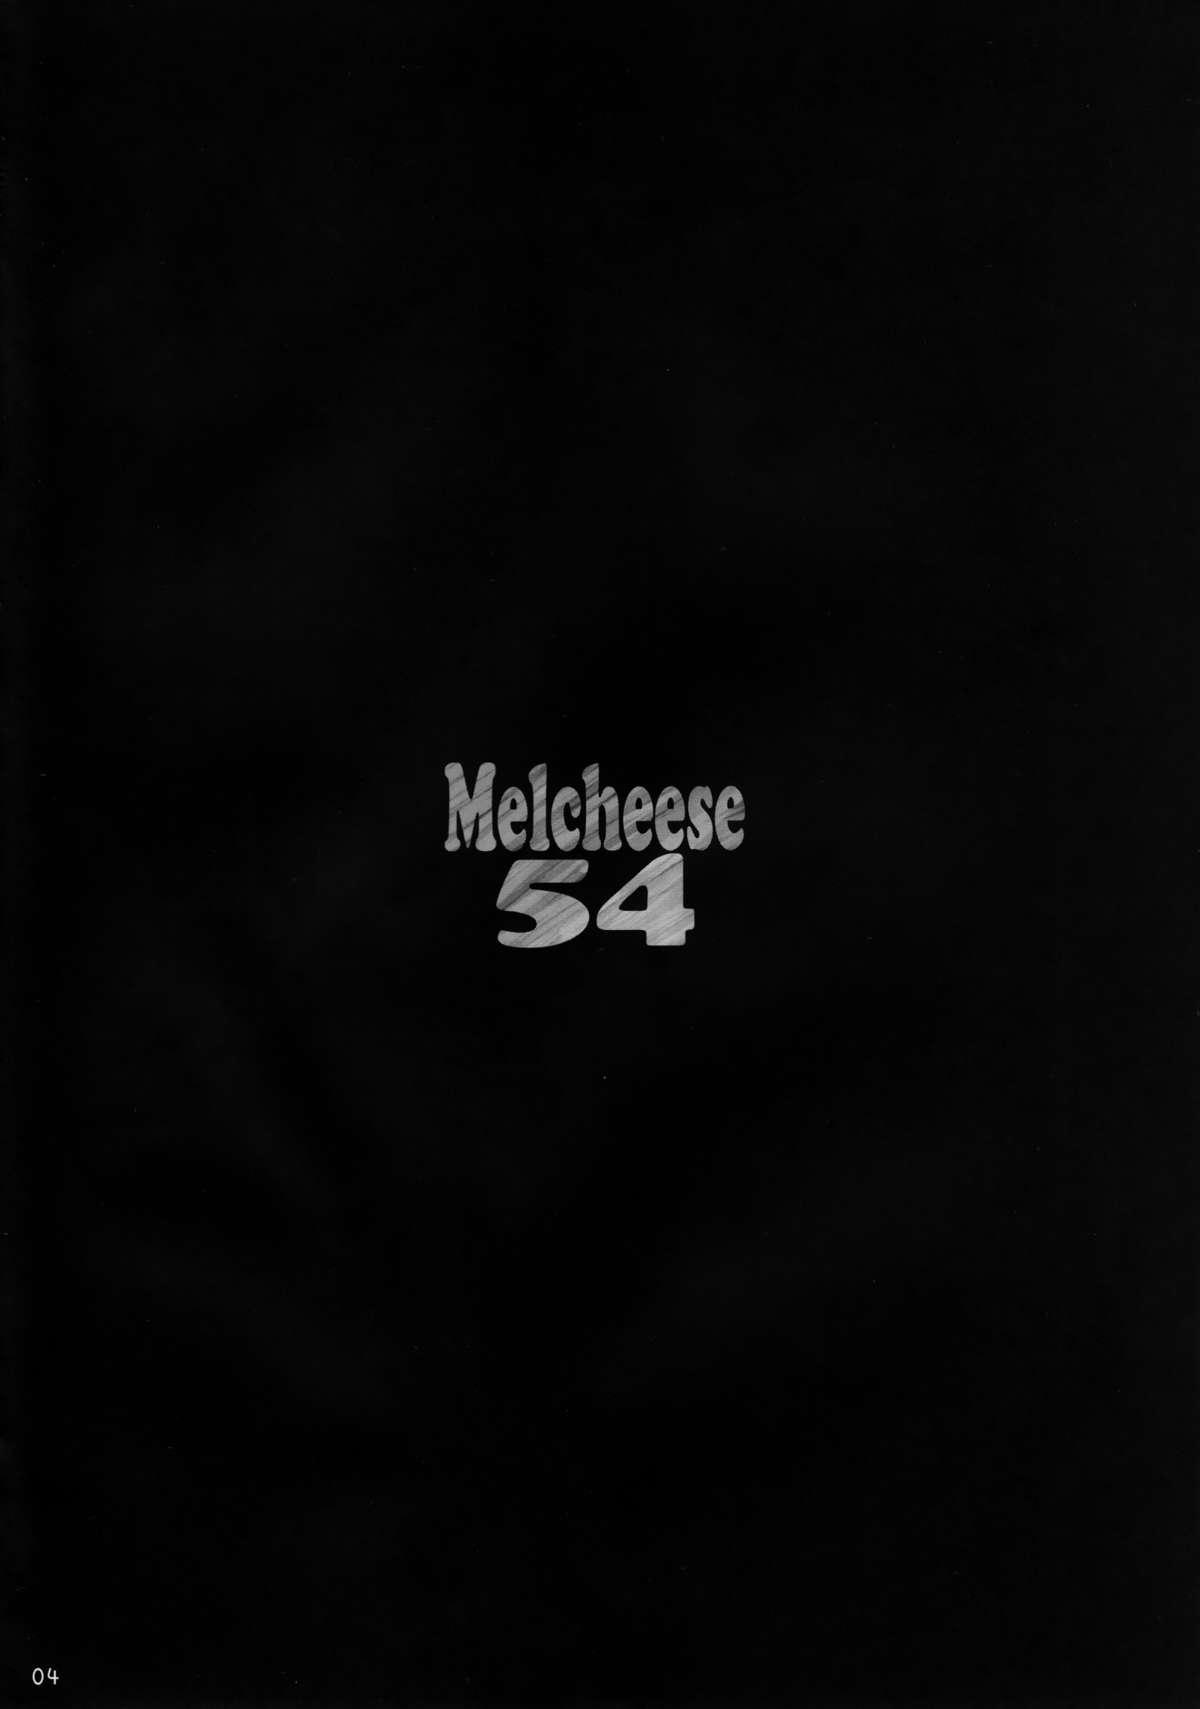 Melcheese 54 3